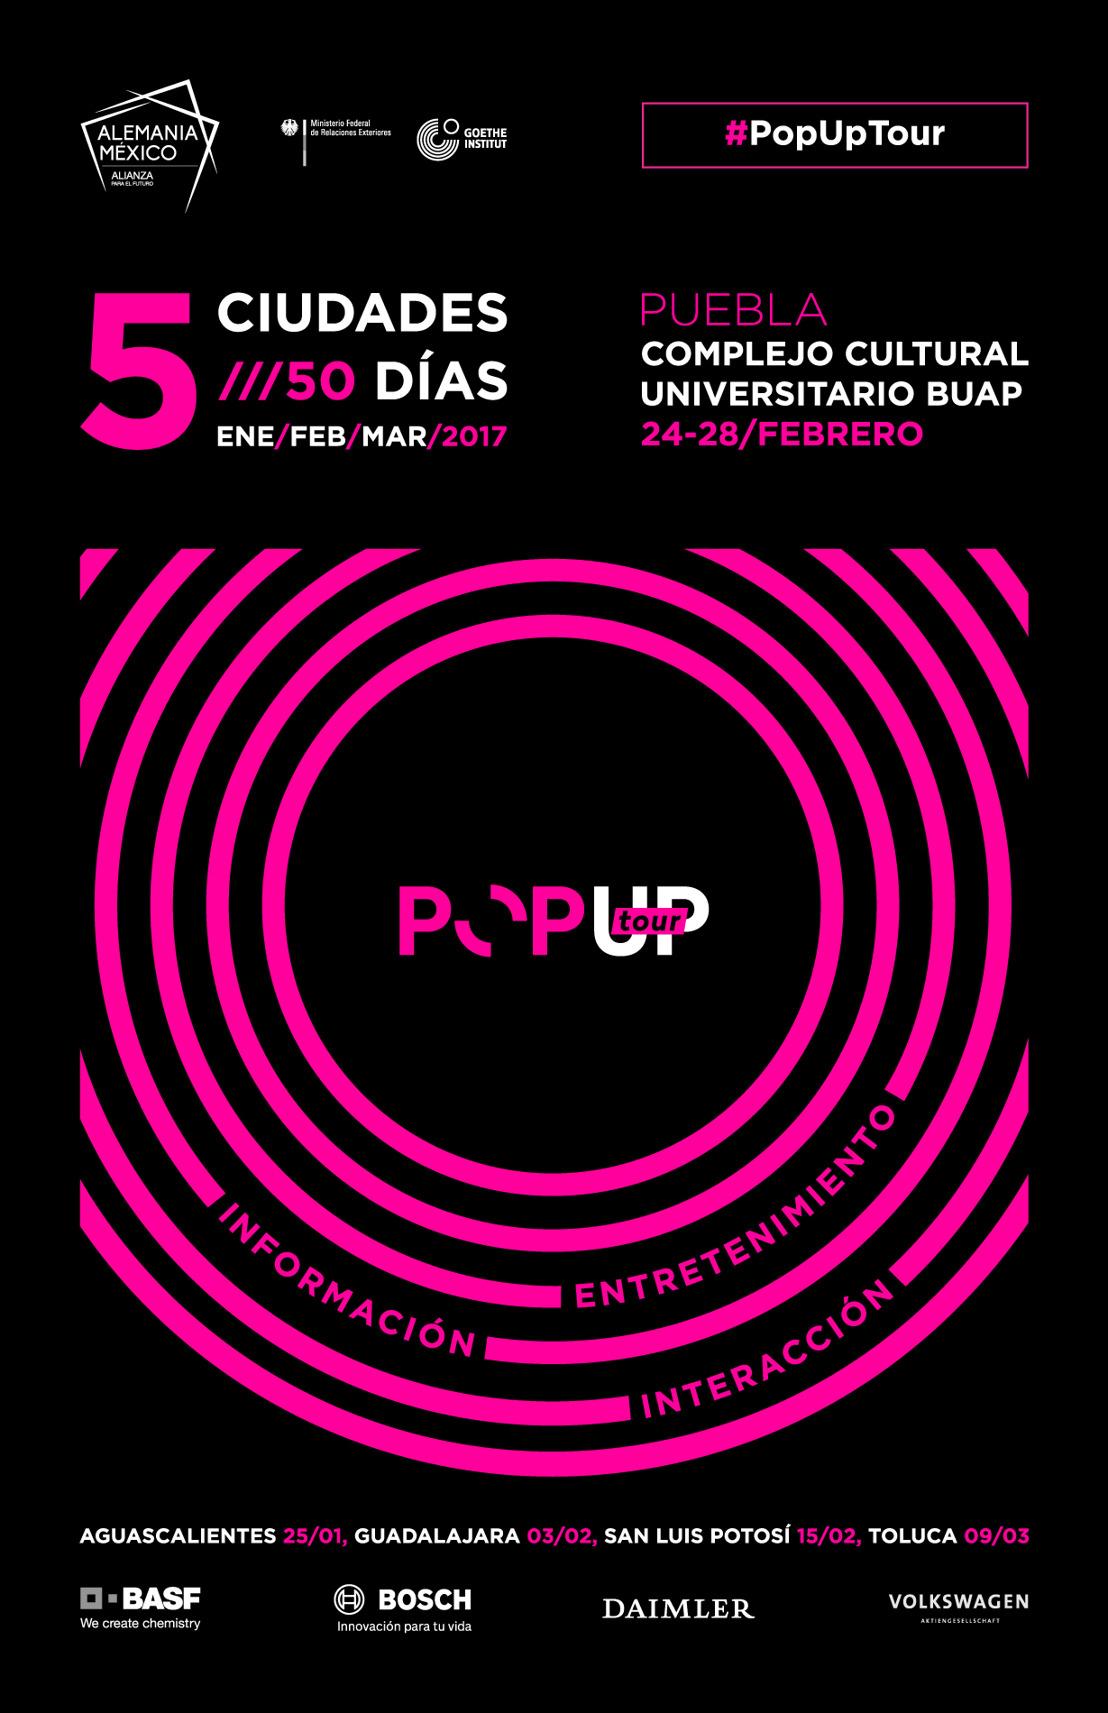 El PopUp Tour llega a Puebla